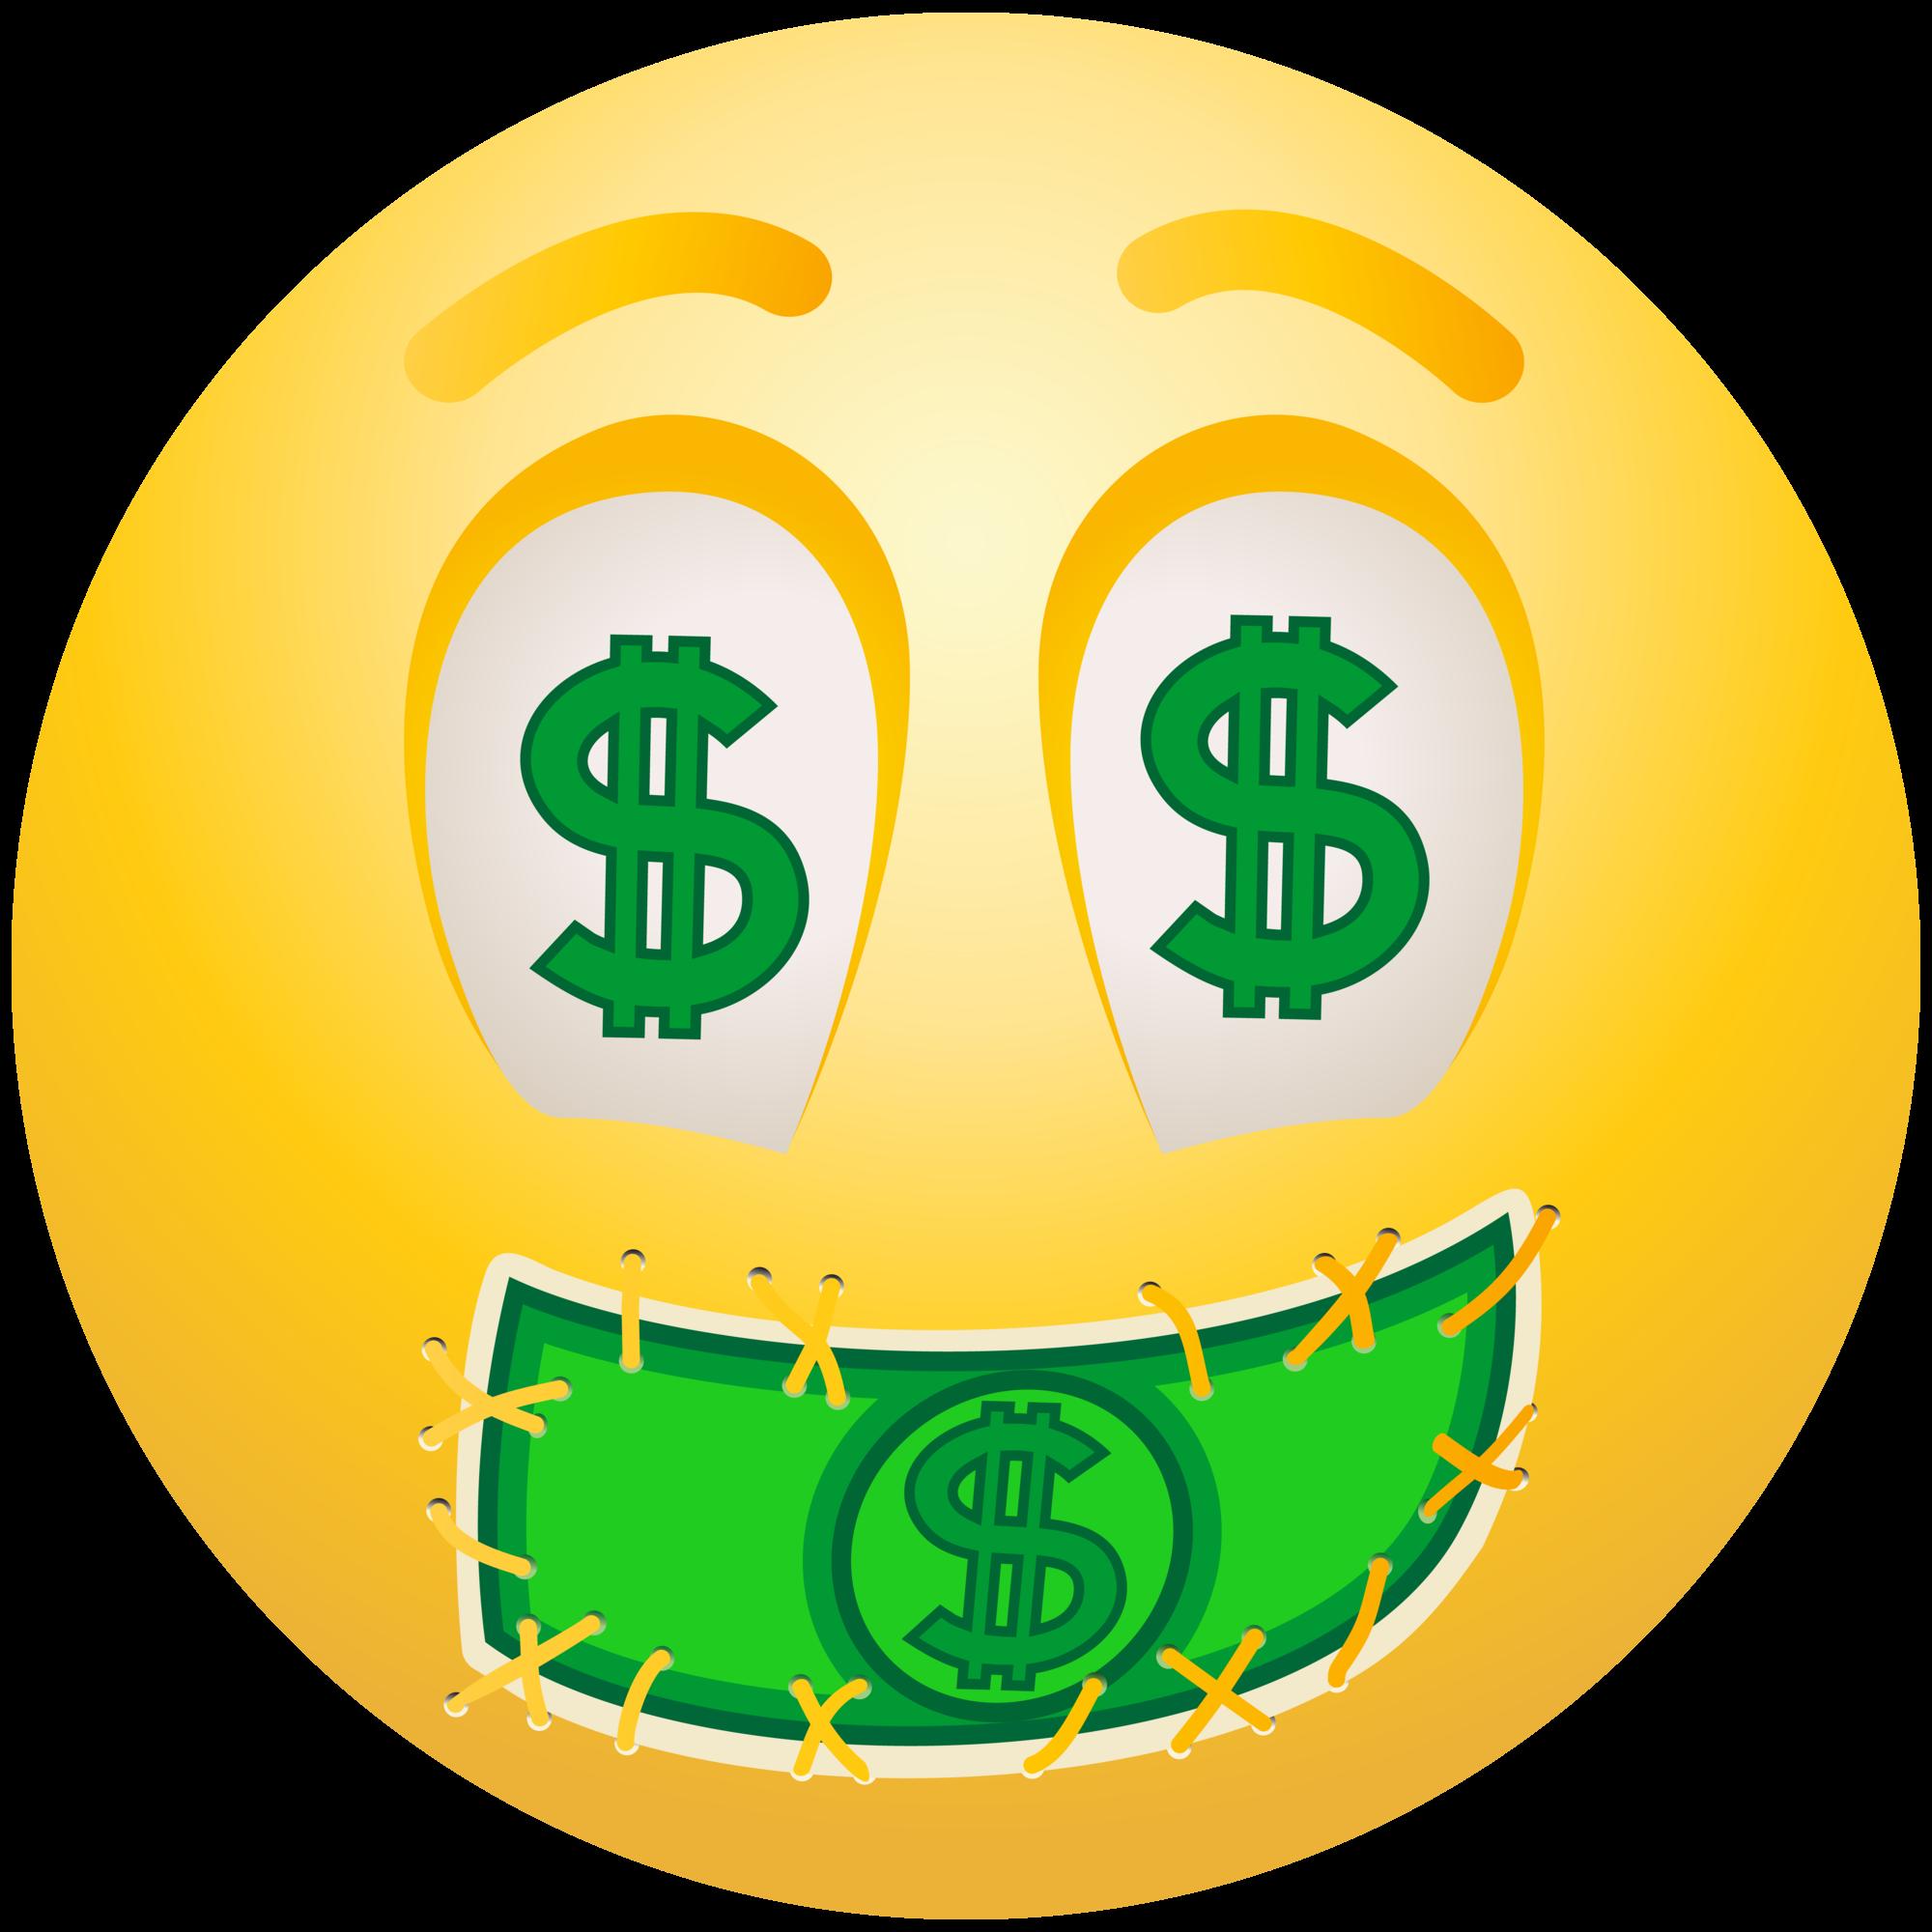 Faces clipart emojis. Dollar face emoticon emoji